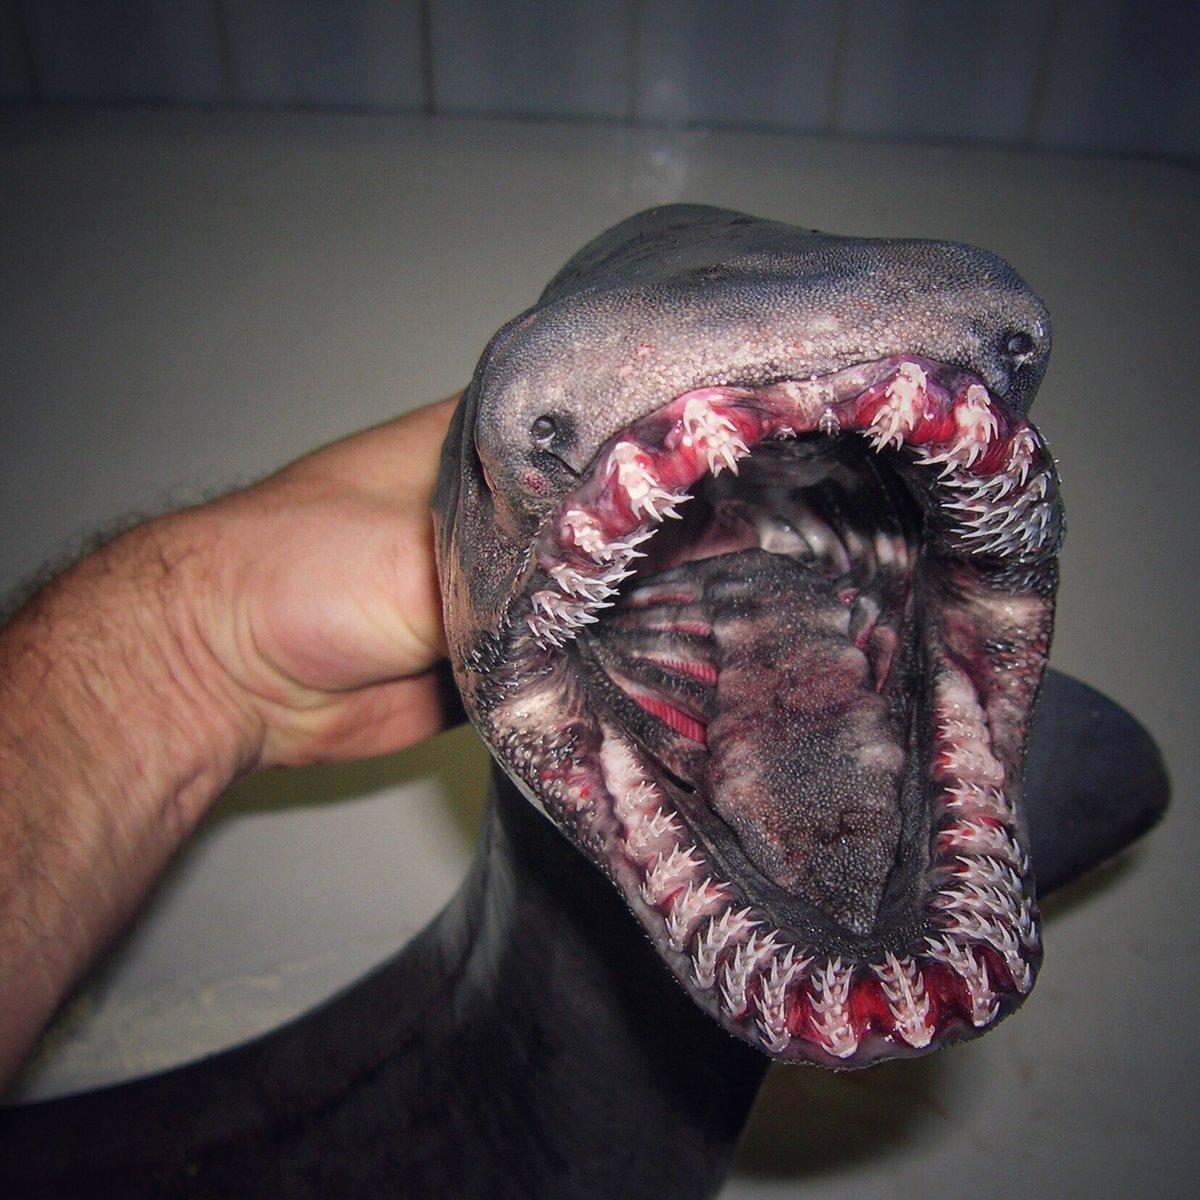 2.jpg [혐주의] 어부가 심해에서 건져 올린 물고기들